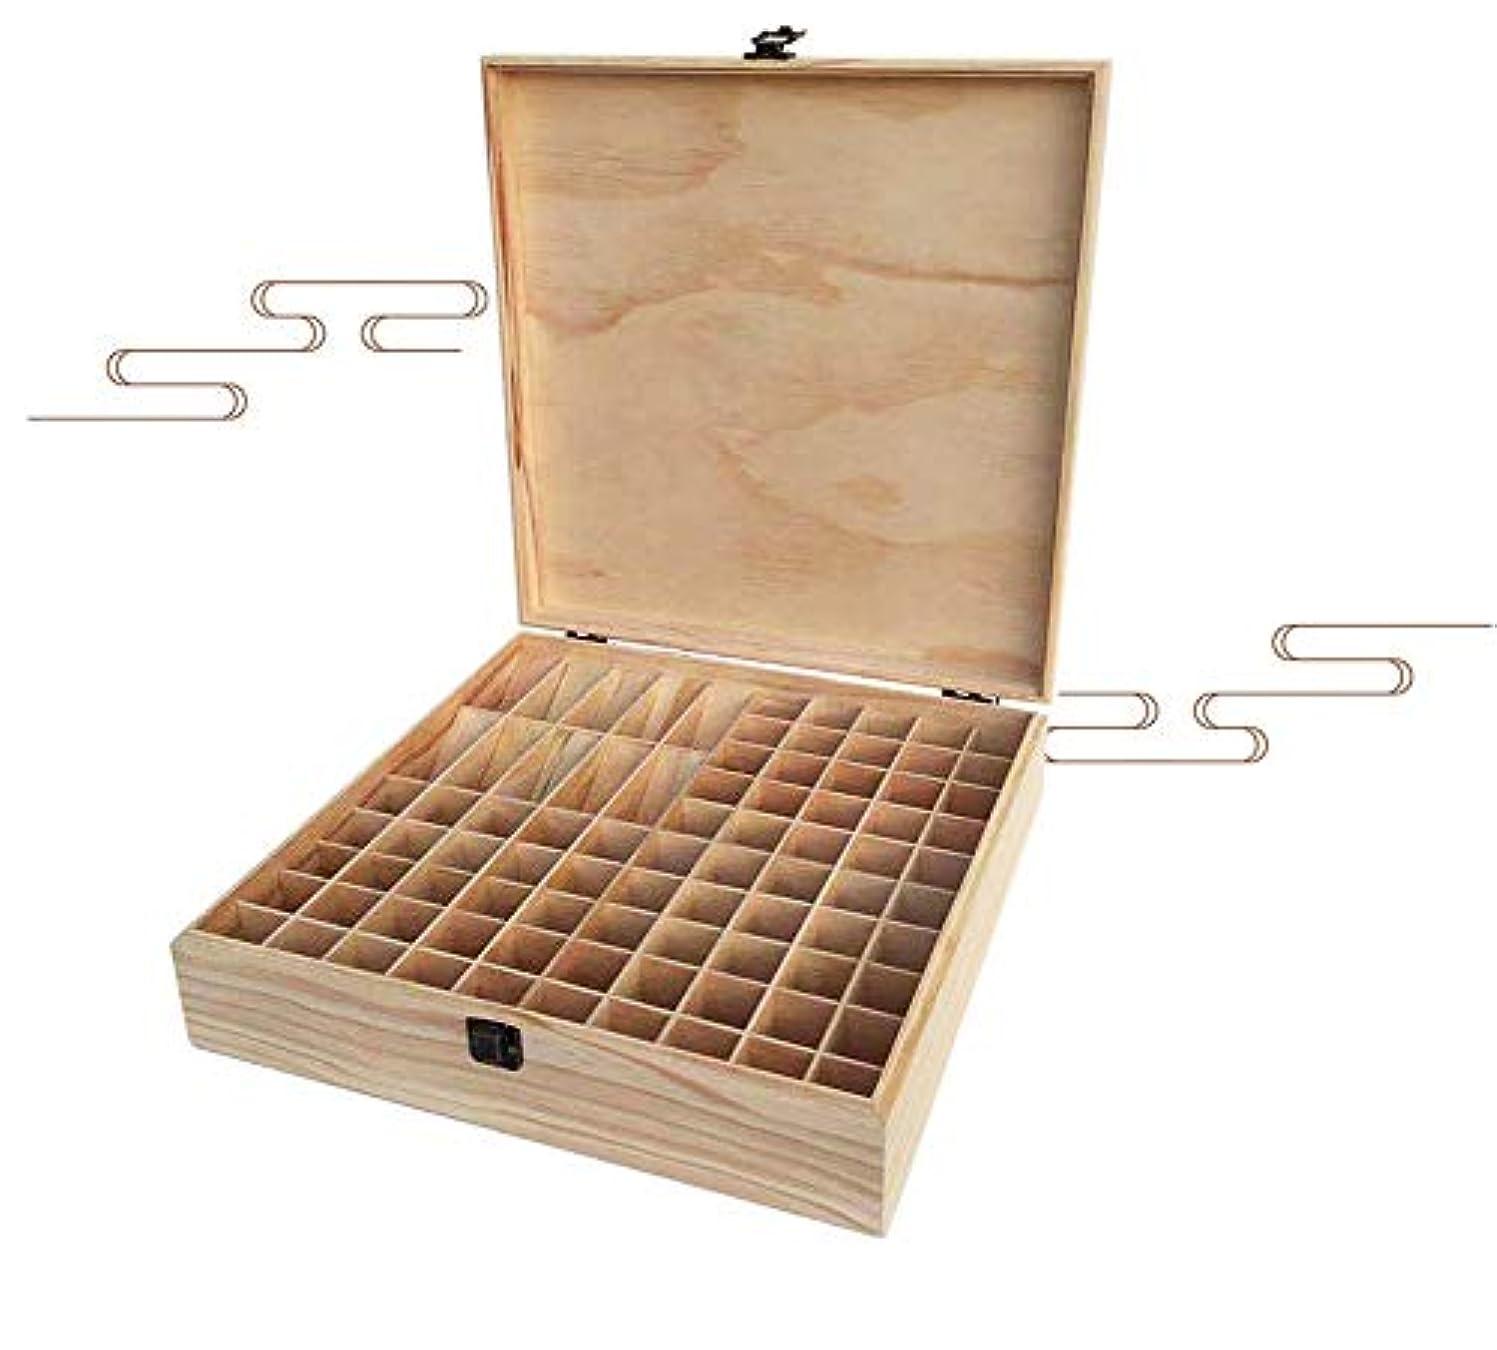 ピケ普通に歯エッセンシャルオイル収納ボックス 85本用 木製エッセンシャルオイルボックス メイクポーチ 精油収納ケース 携帯用 自然ウッド精油収納ボックス 香水収納ケース